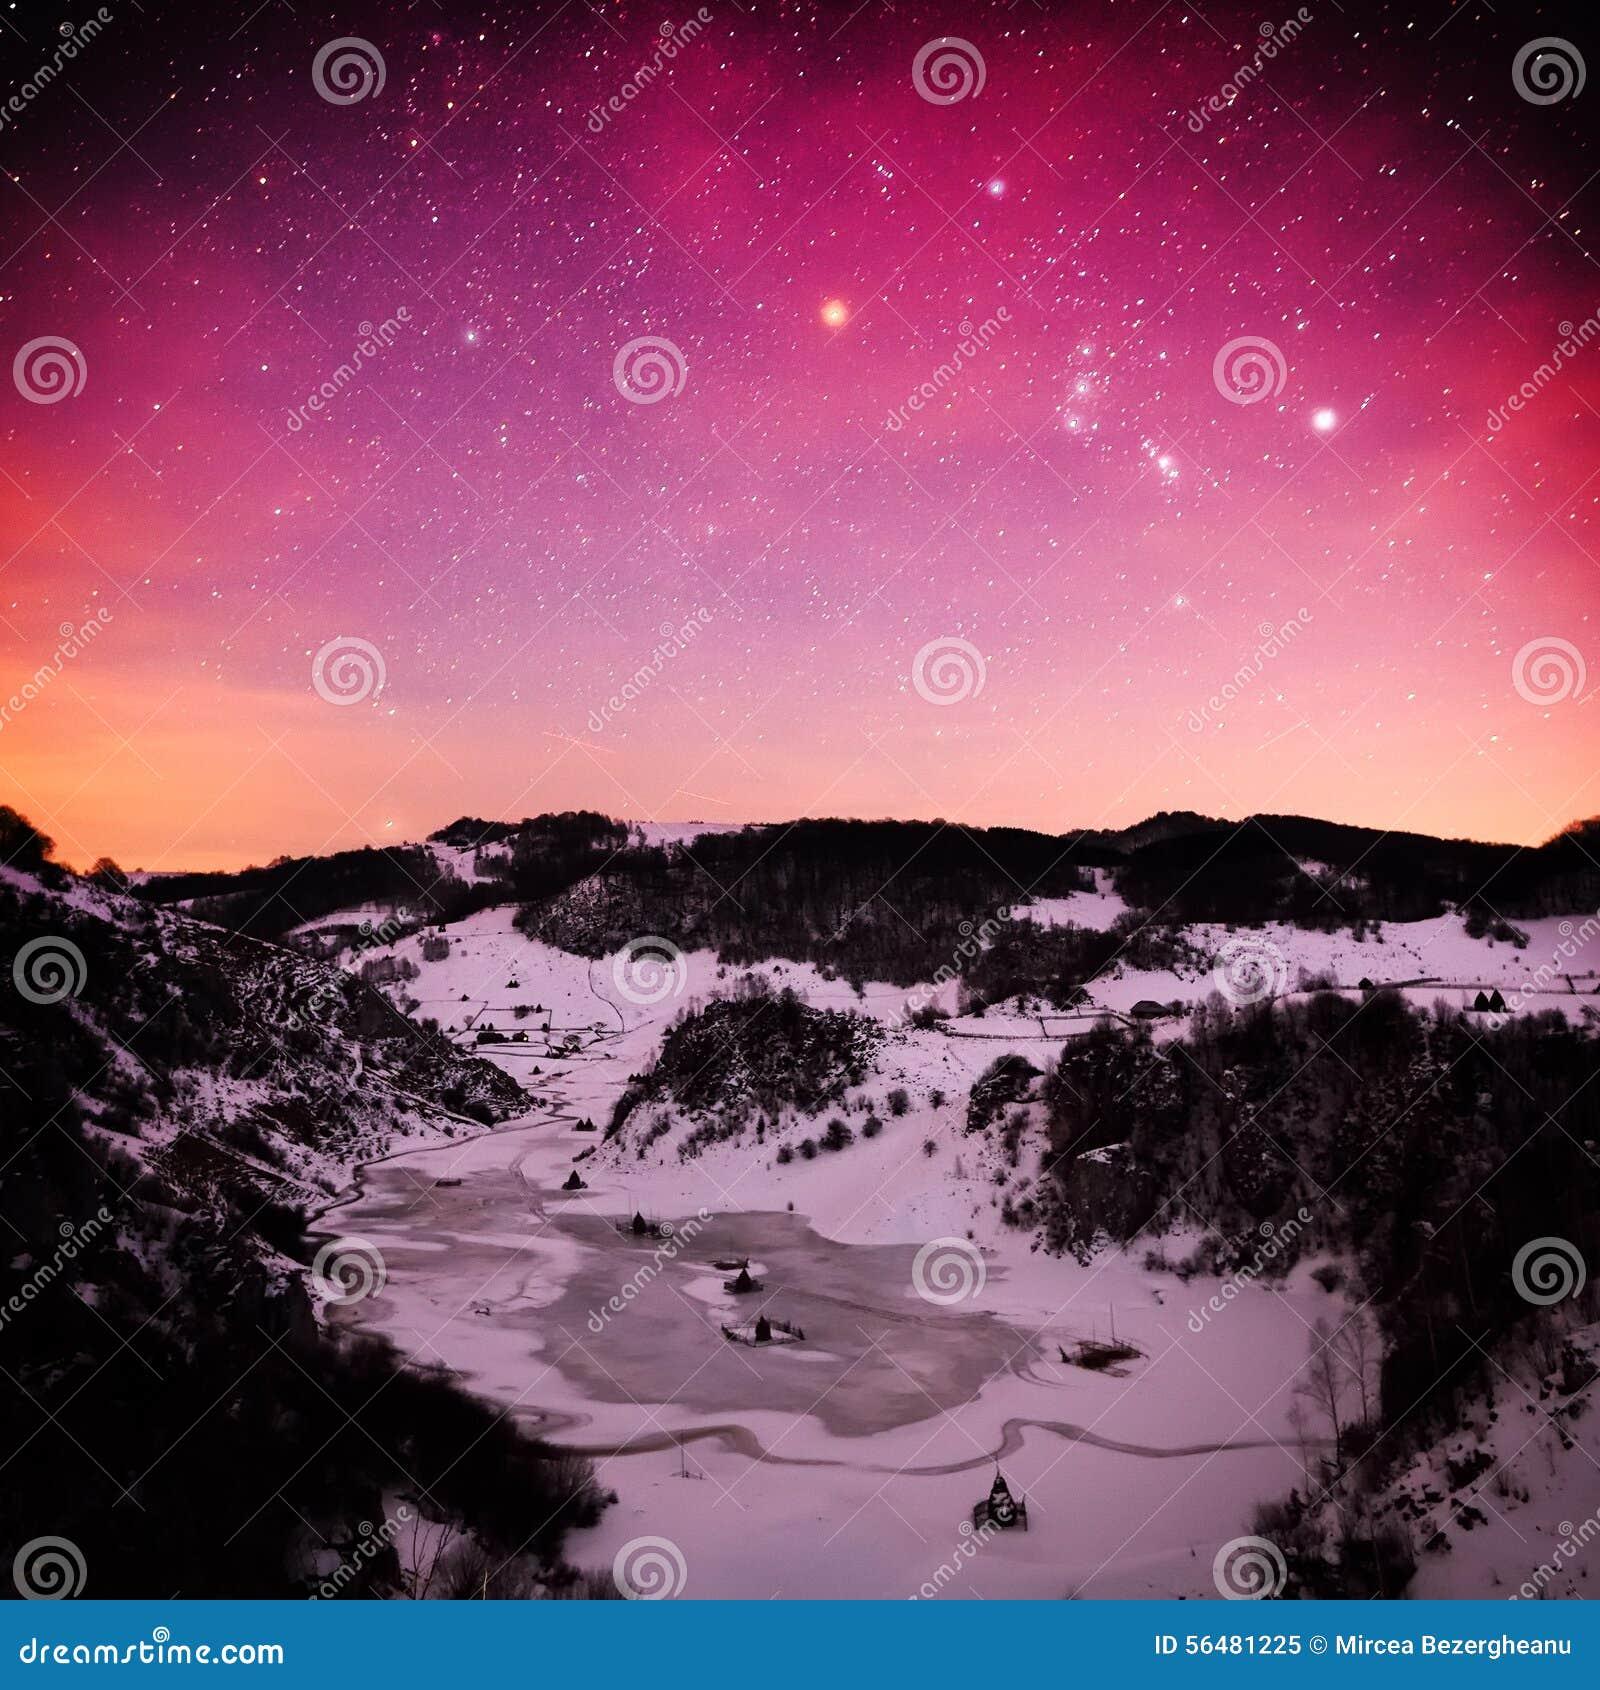 Paysage de montagne en hiver par nuit - Fundatura Ponorului, ROM